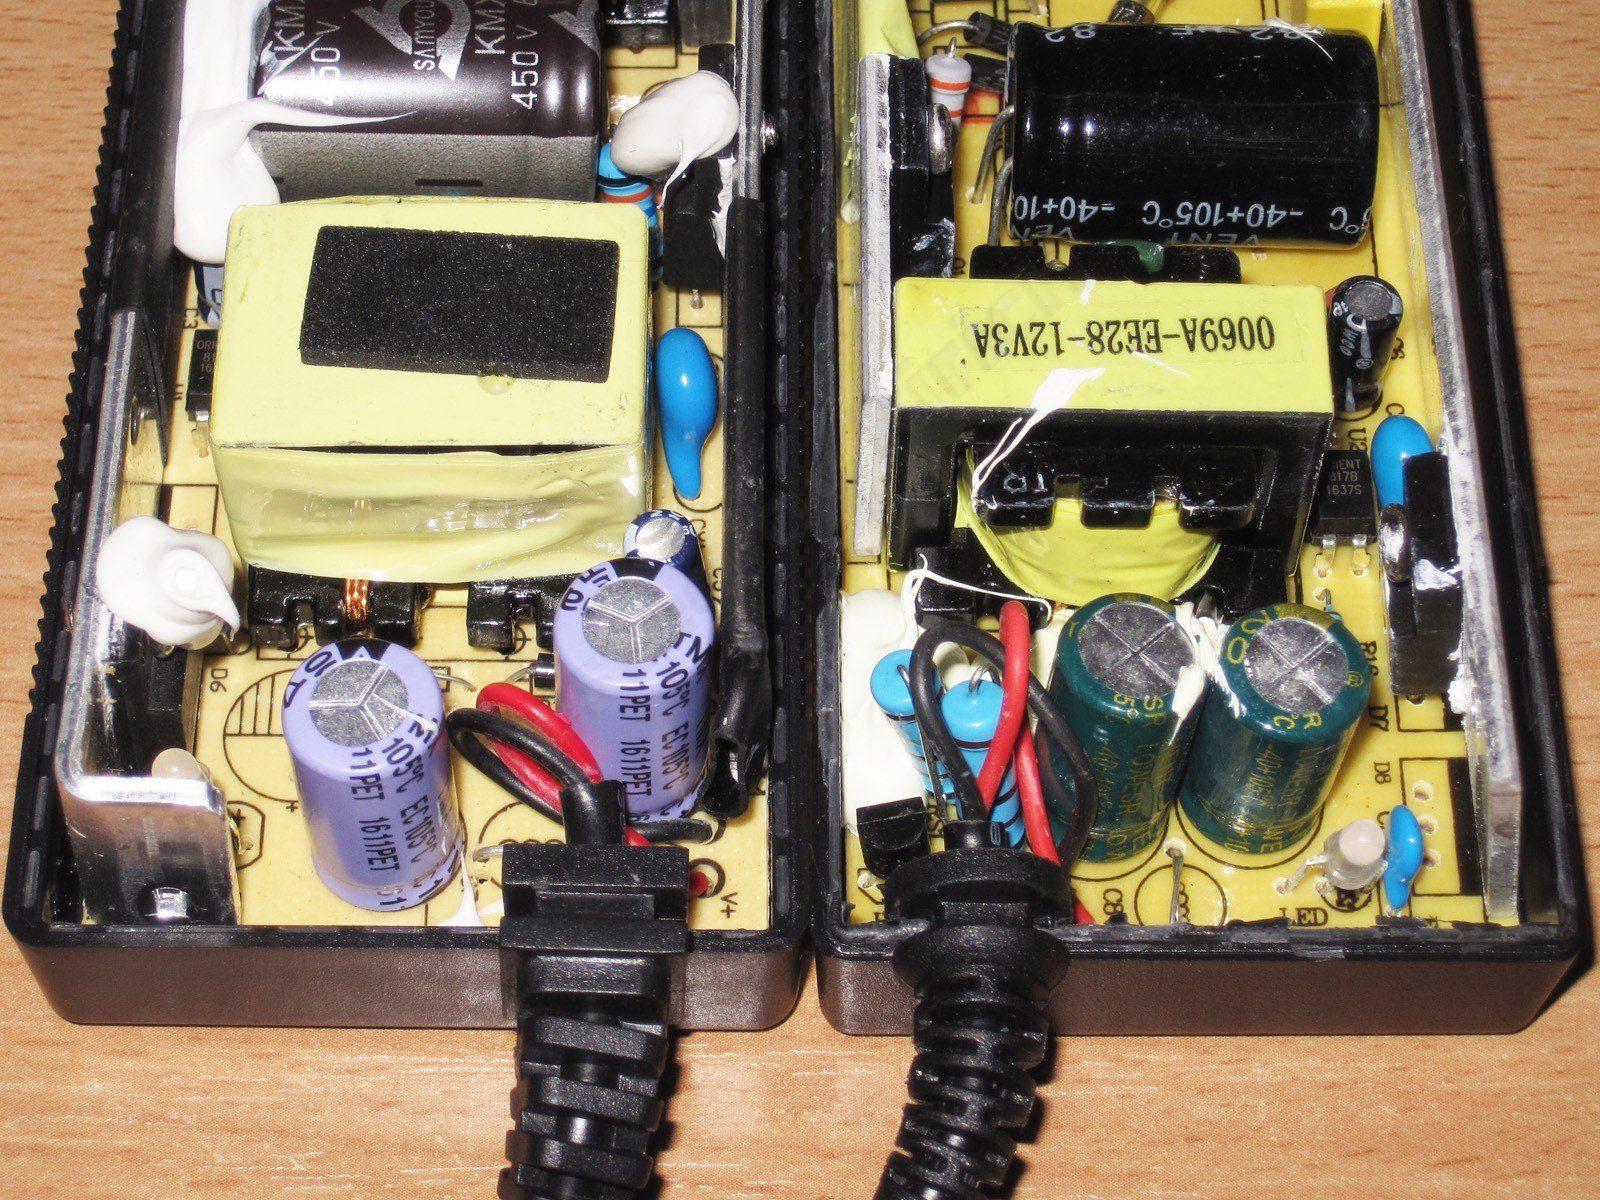 Зарядка от 12 вольт v mavik недорого фильтр nd4 мавик защита от ультрафиолетовых лучей